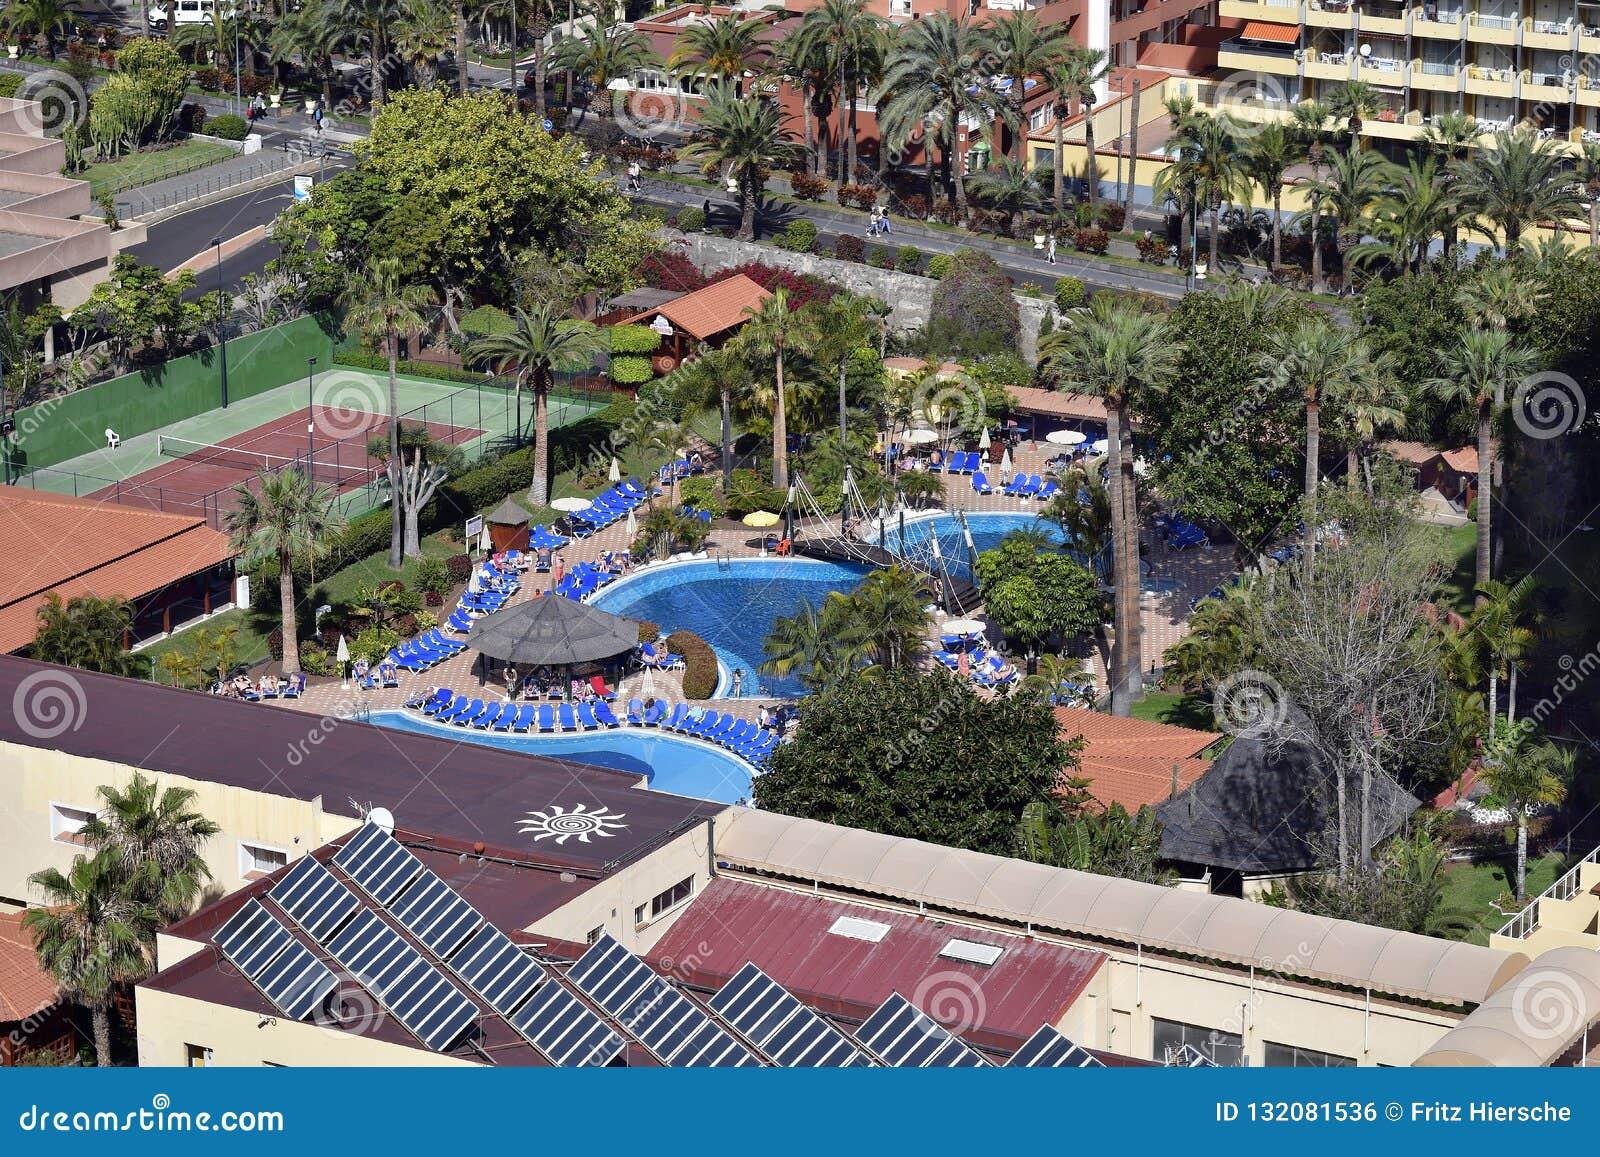 Spain Canary Islands Tenerife Puerto De La Cruz Editorial Photo Image Of Destination Pool 132081536